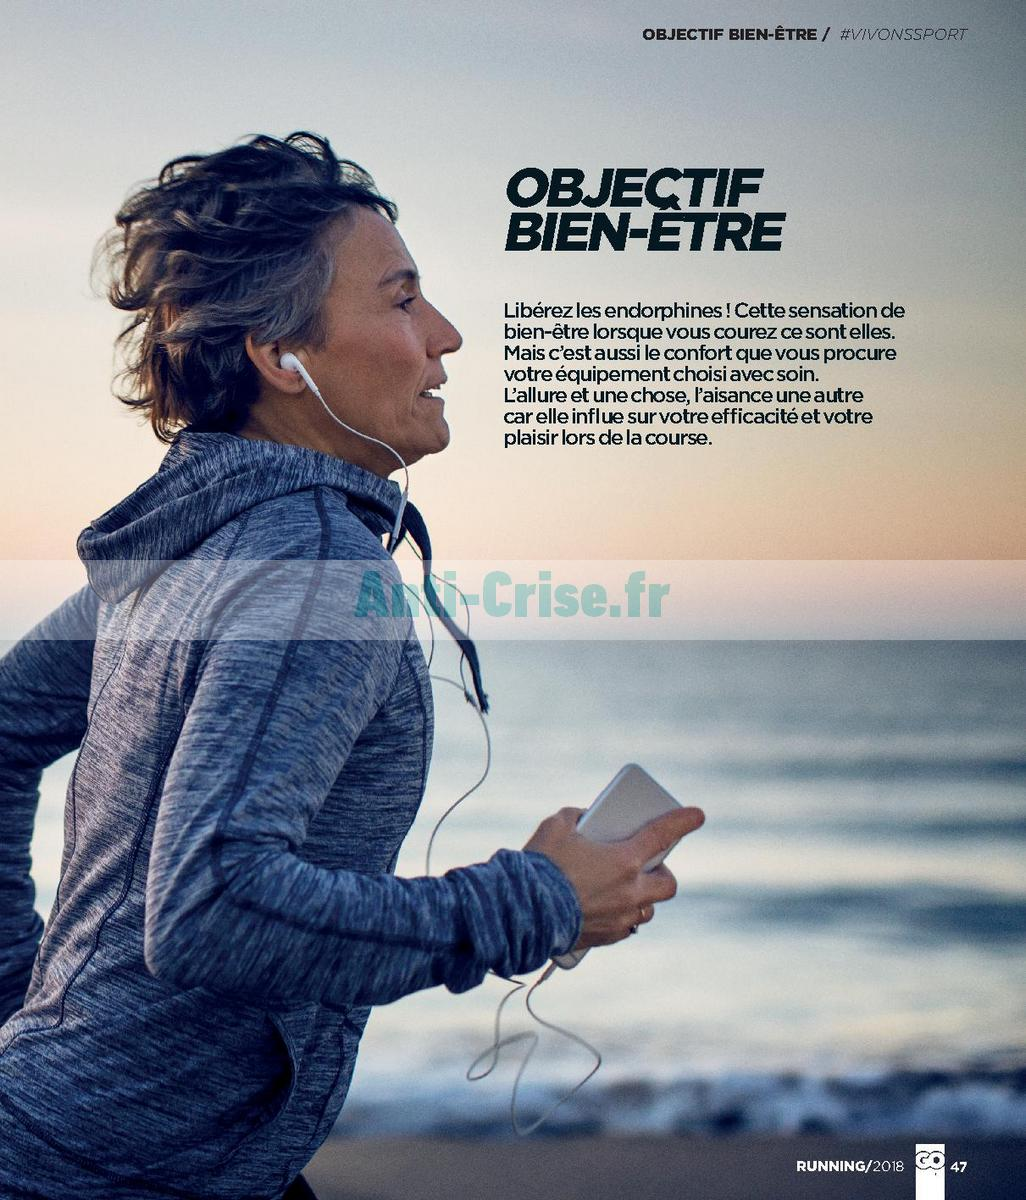 septembre2018 Catalogue Go Sport du 28 avril au 21 septembre 2018 (Running) (47)